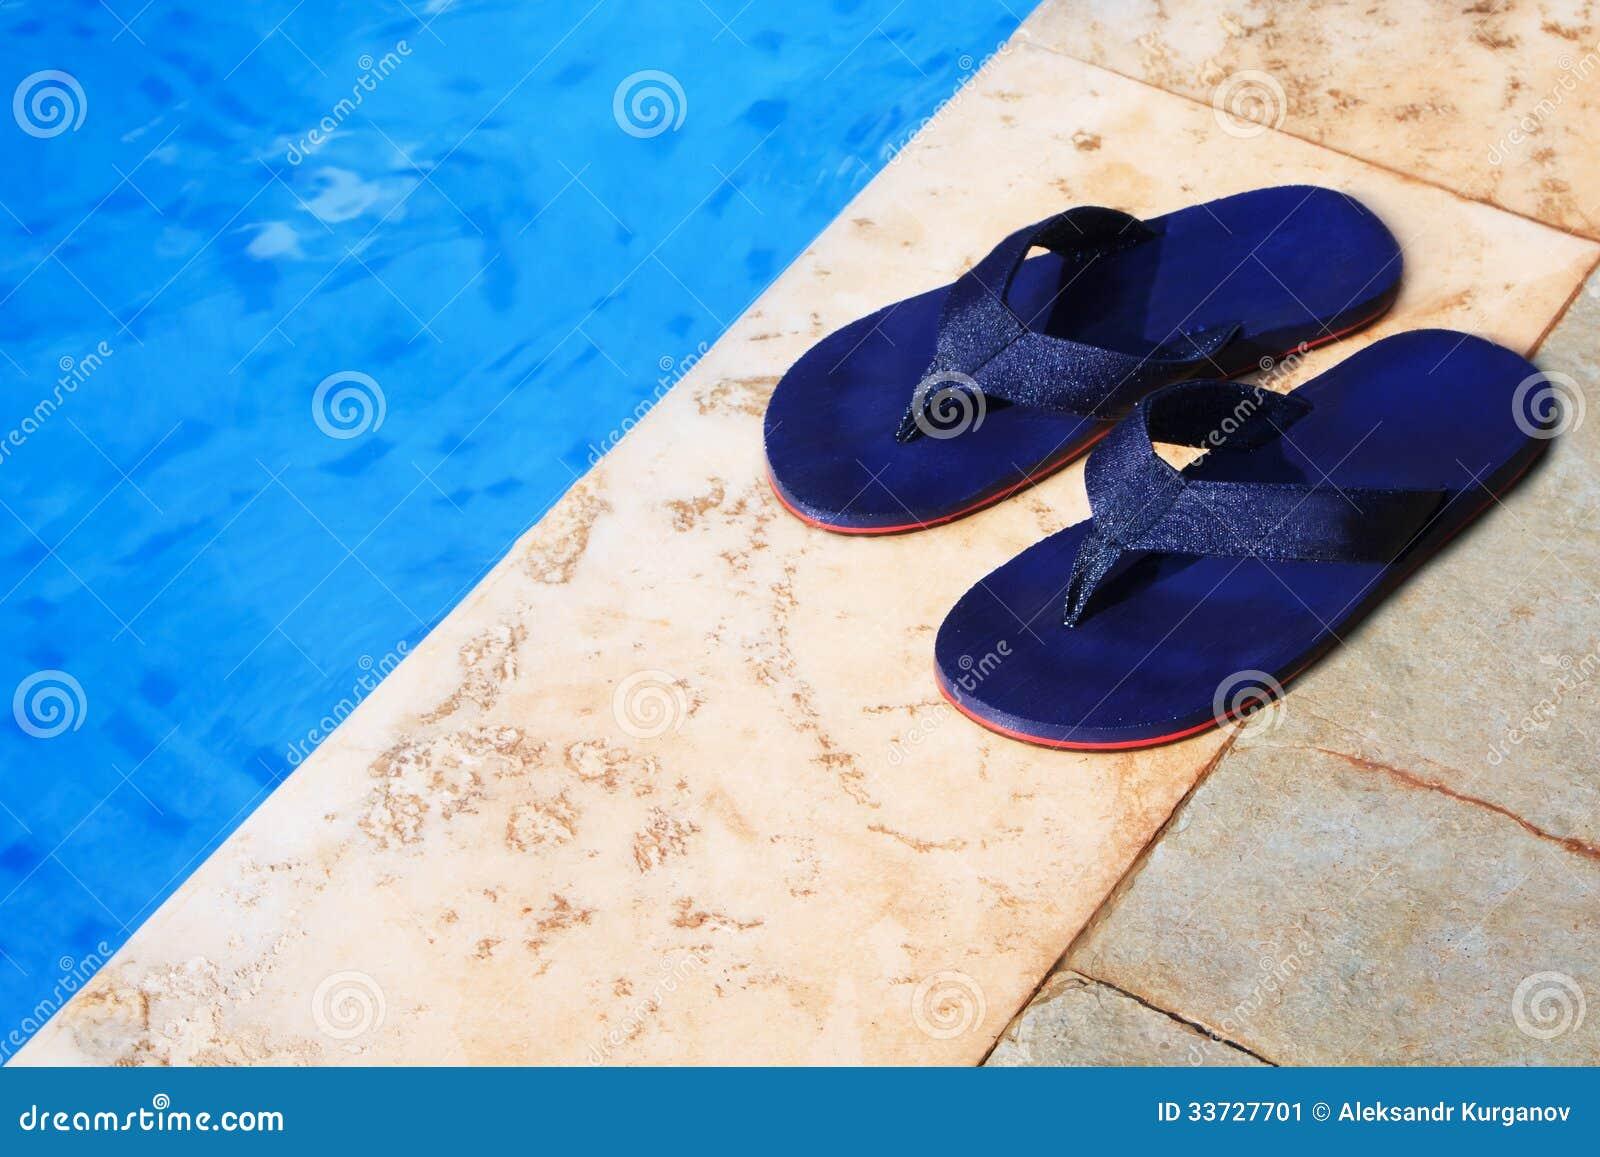 Голубые темповые сальто сальто на крае плавательного бассеина